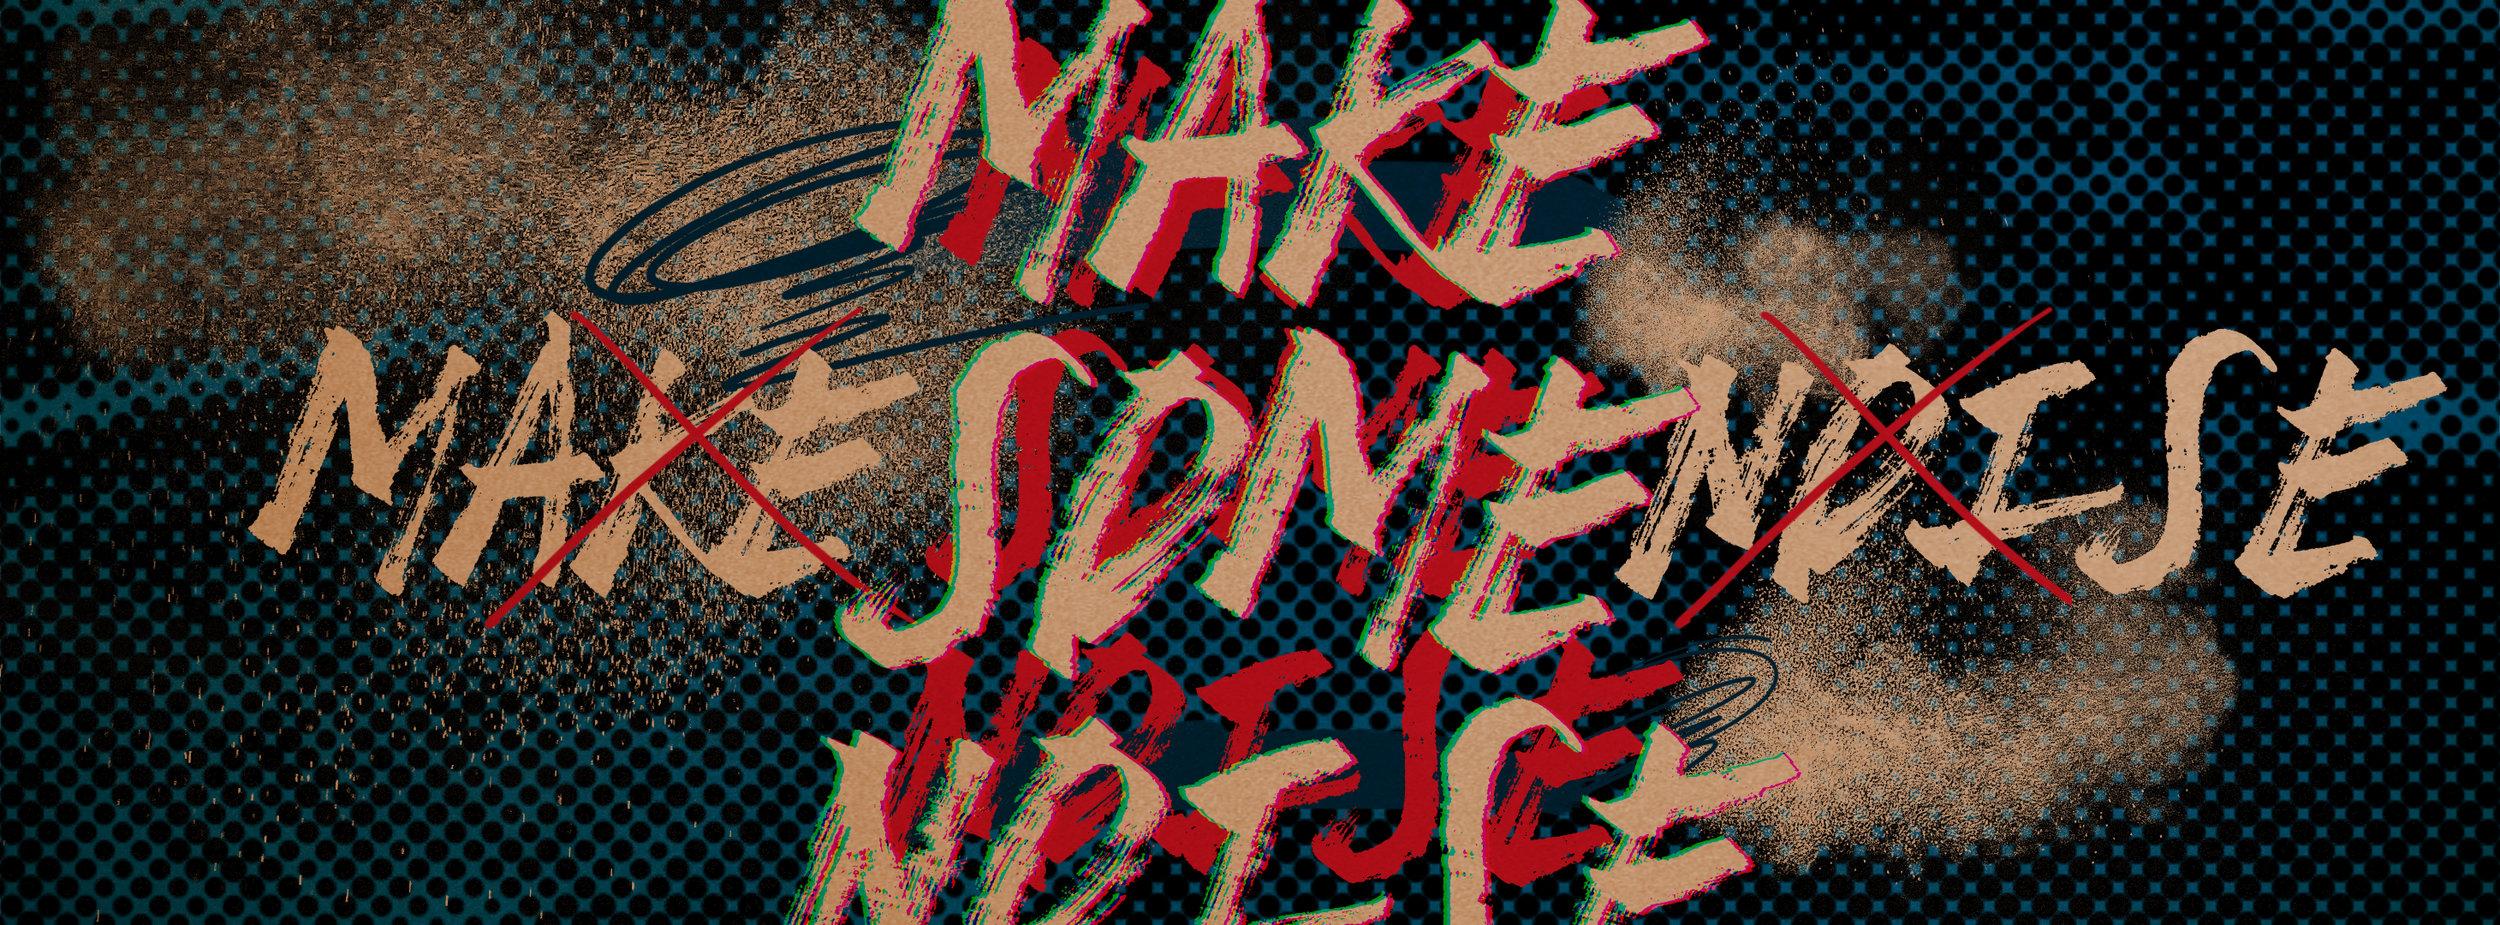 MAKE_SOME_NOISE 10 (00067).jpg